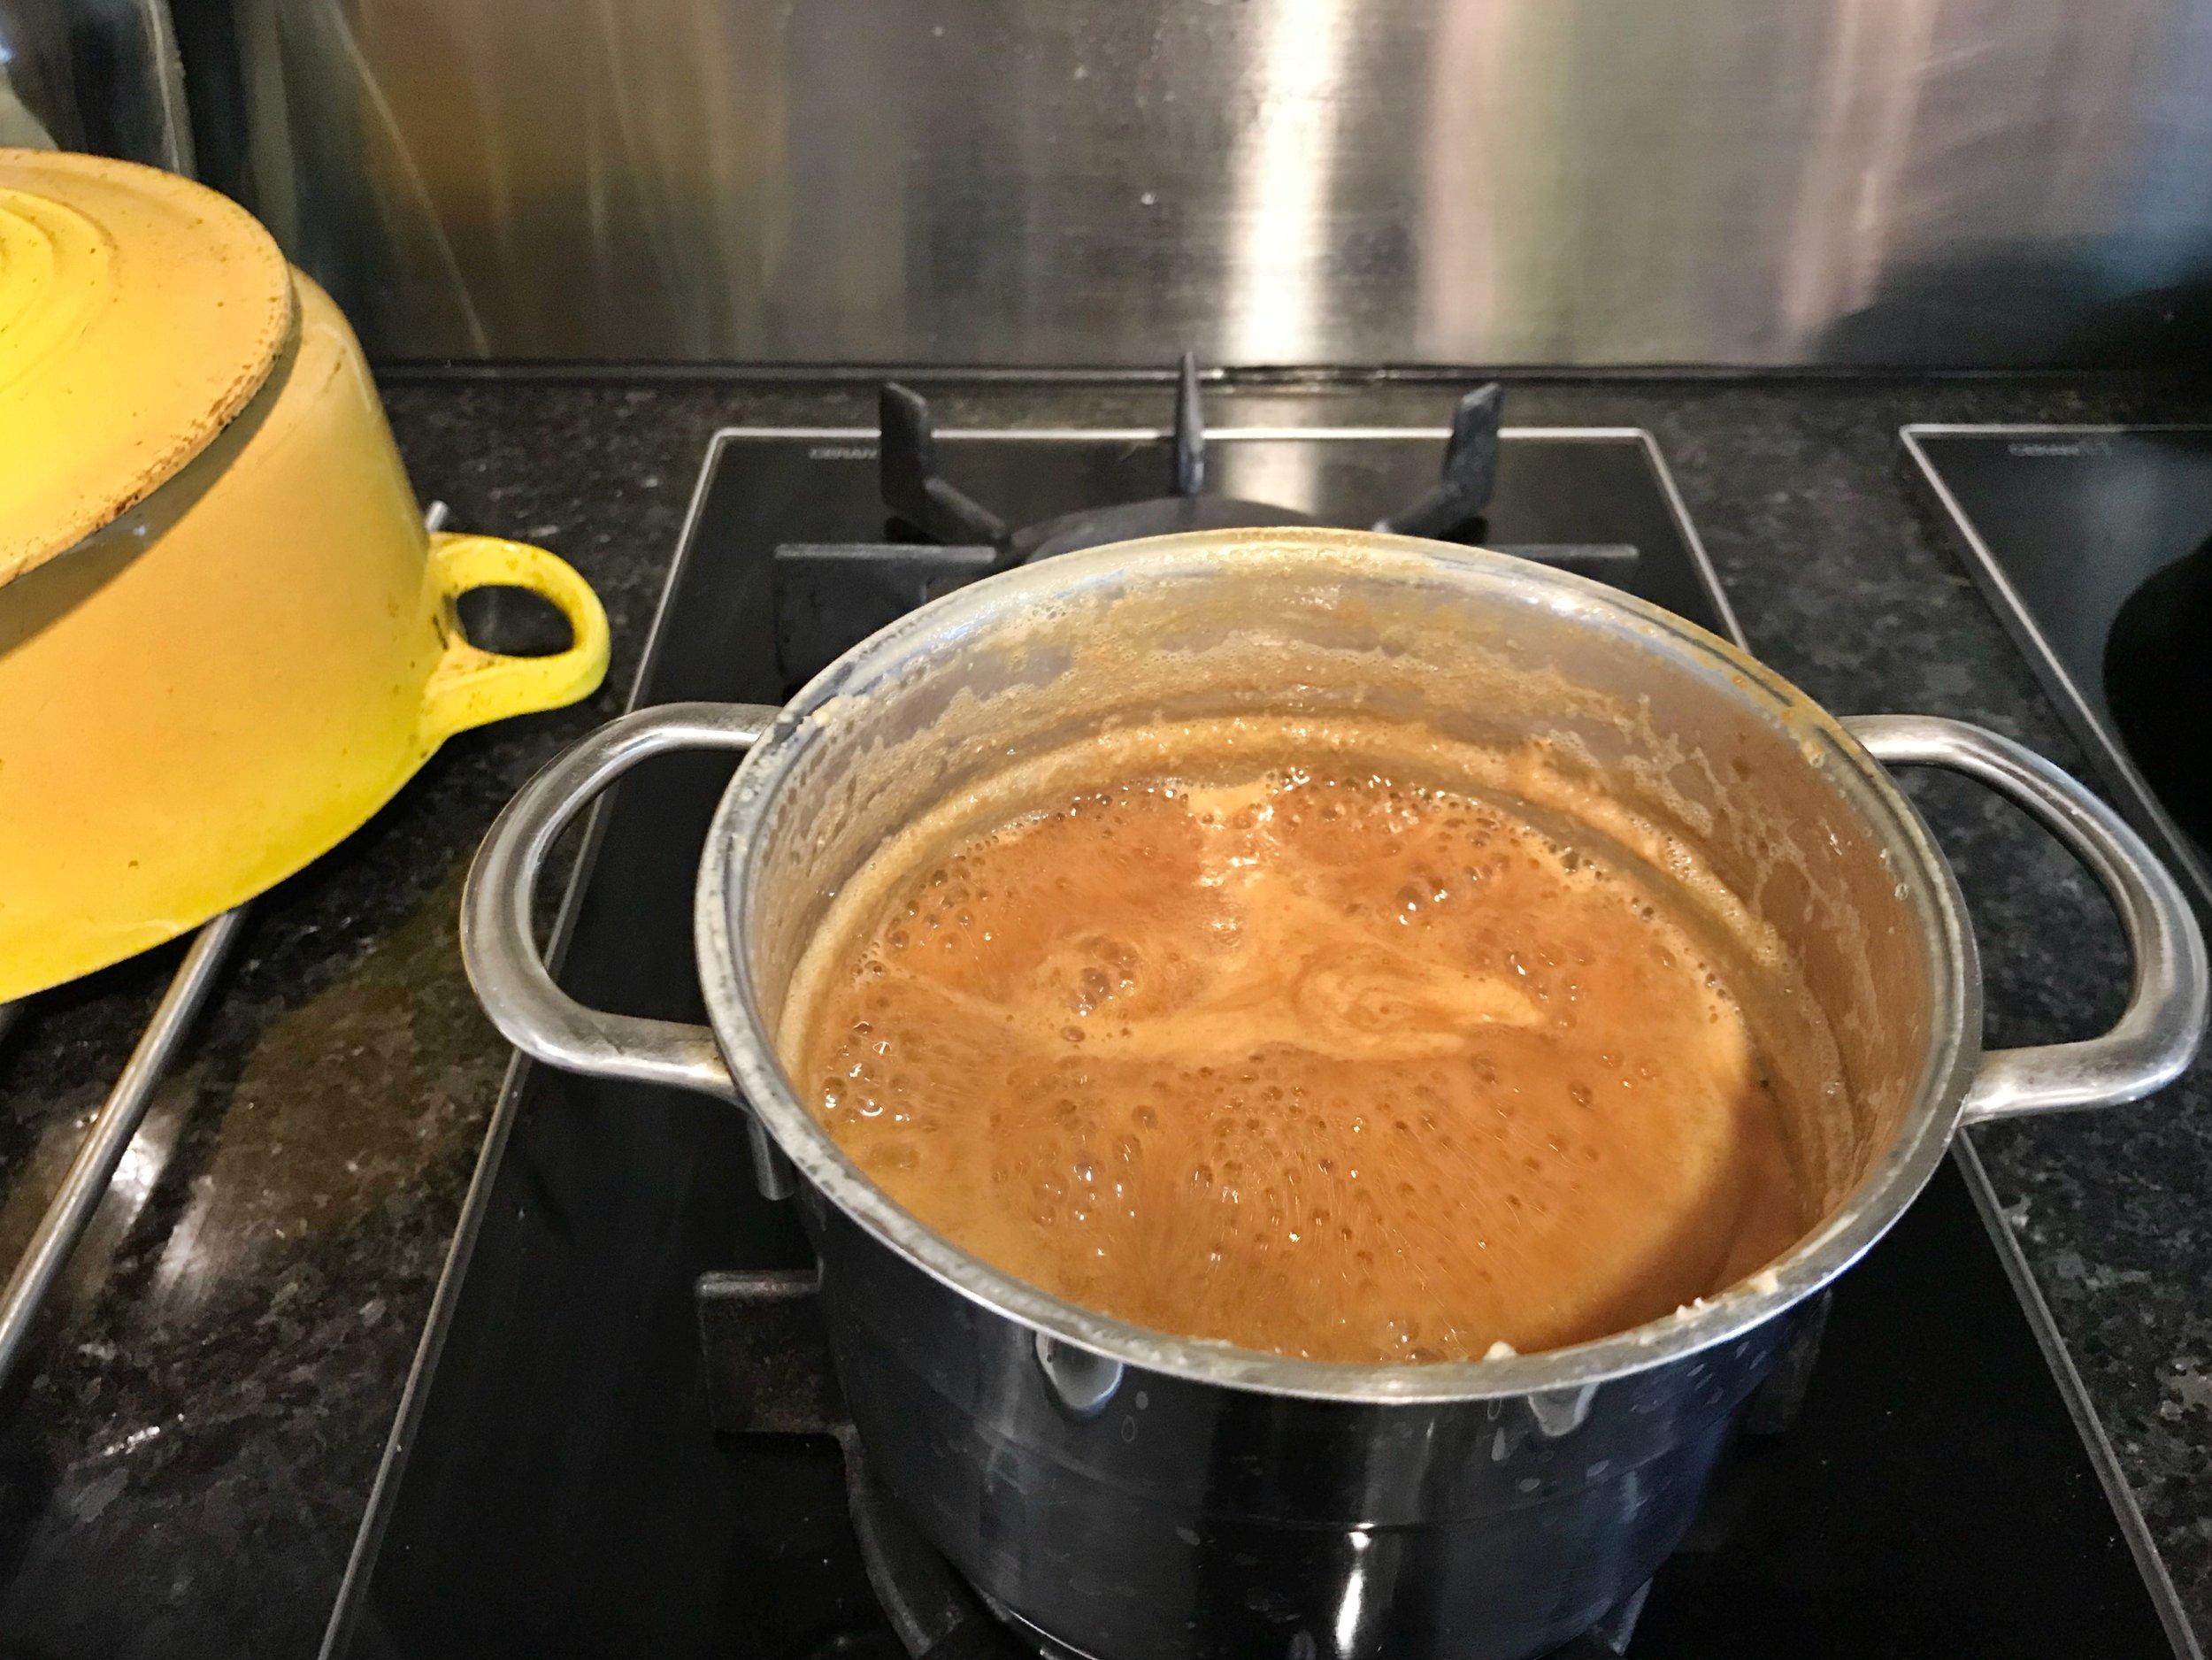 24hourkitchen-recipes-chilean-torta-de-milhojas-dulcedeleche-cake